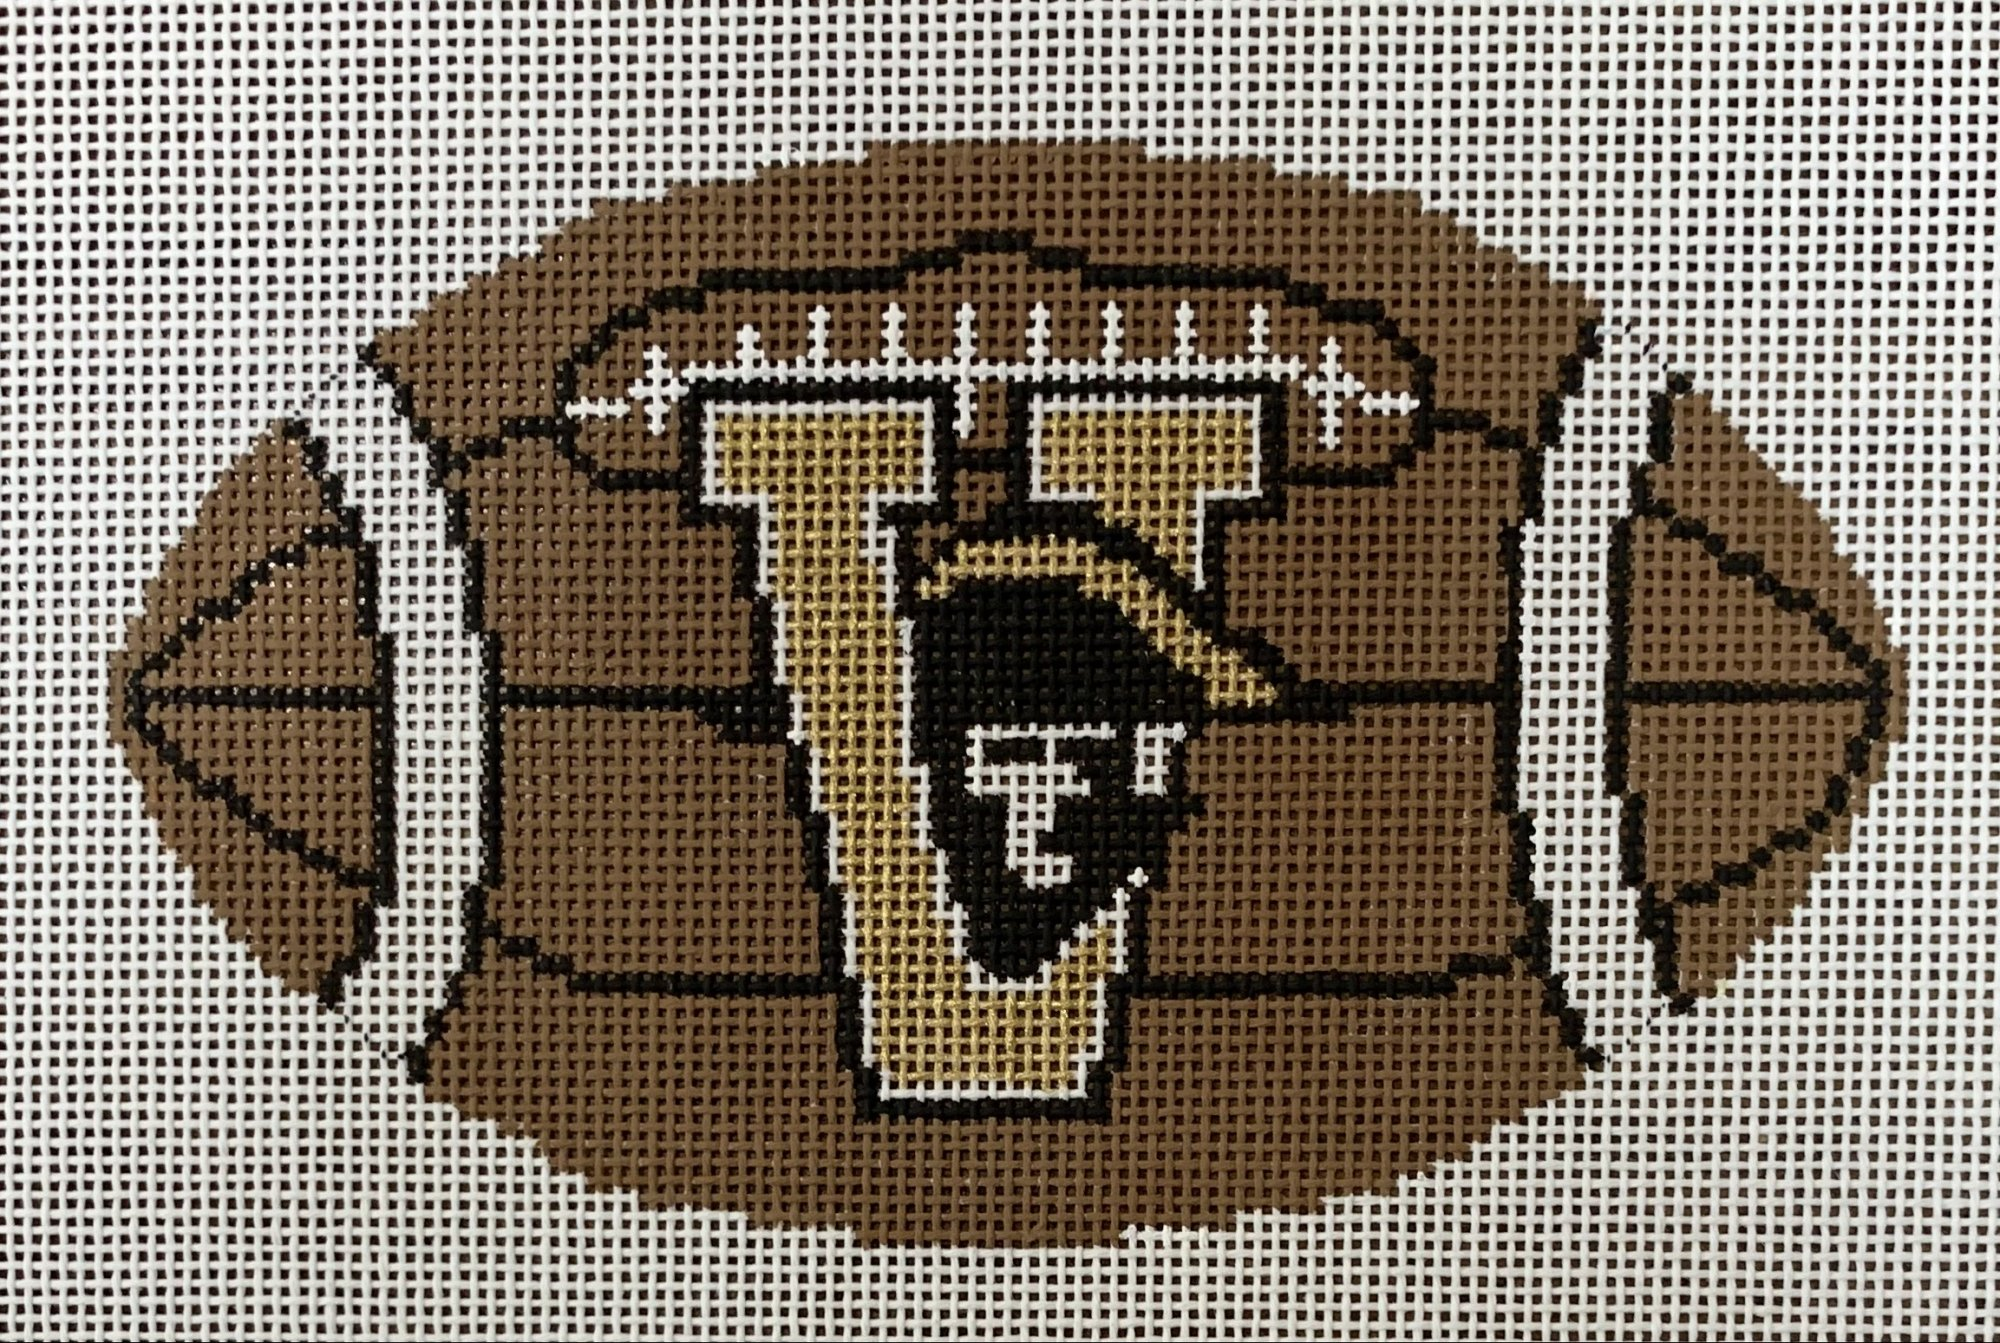 Football - Vanderbilt